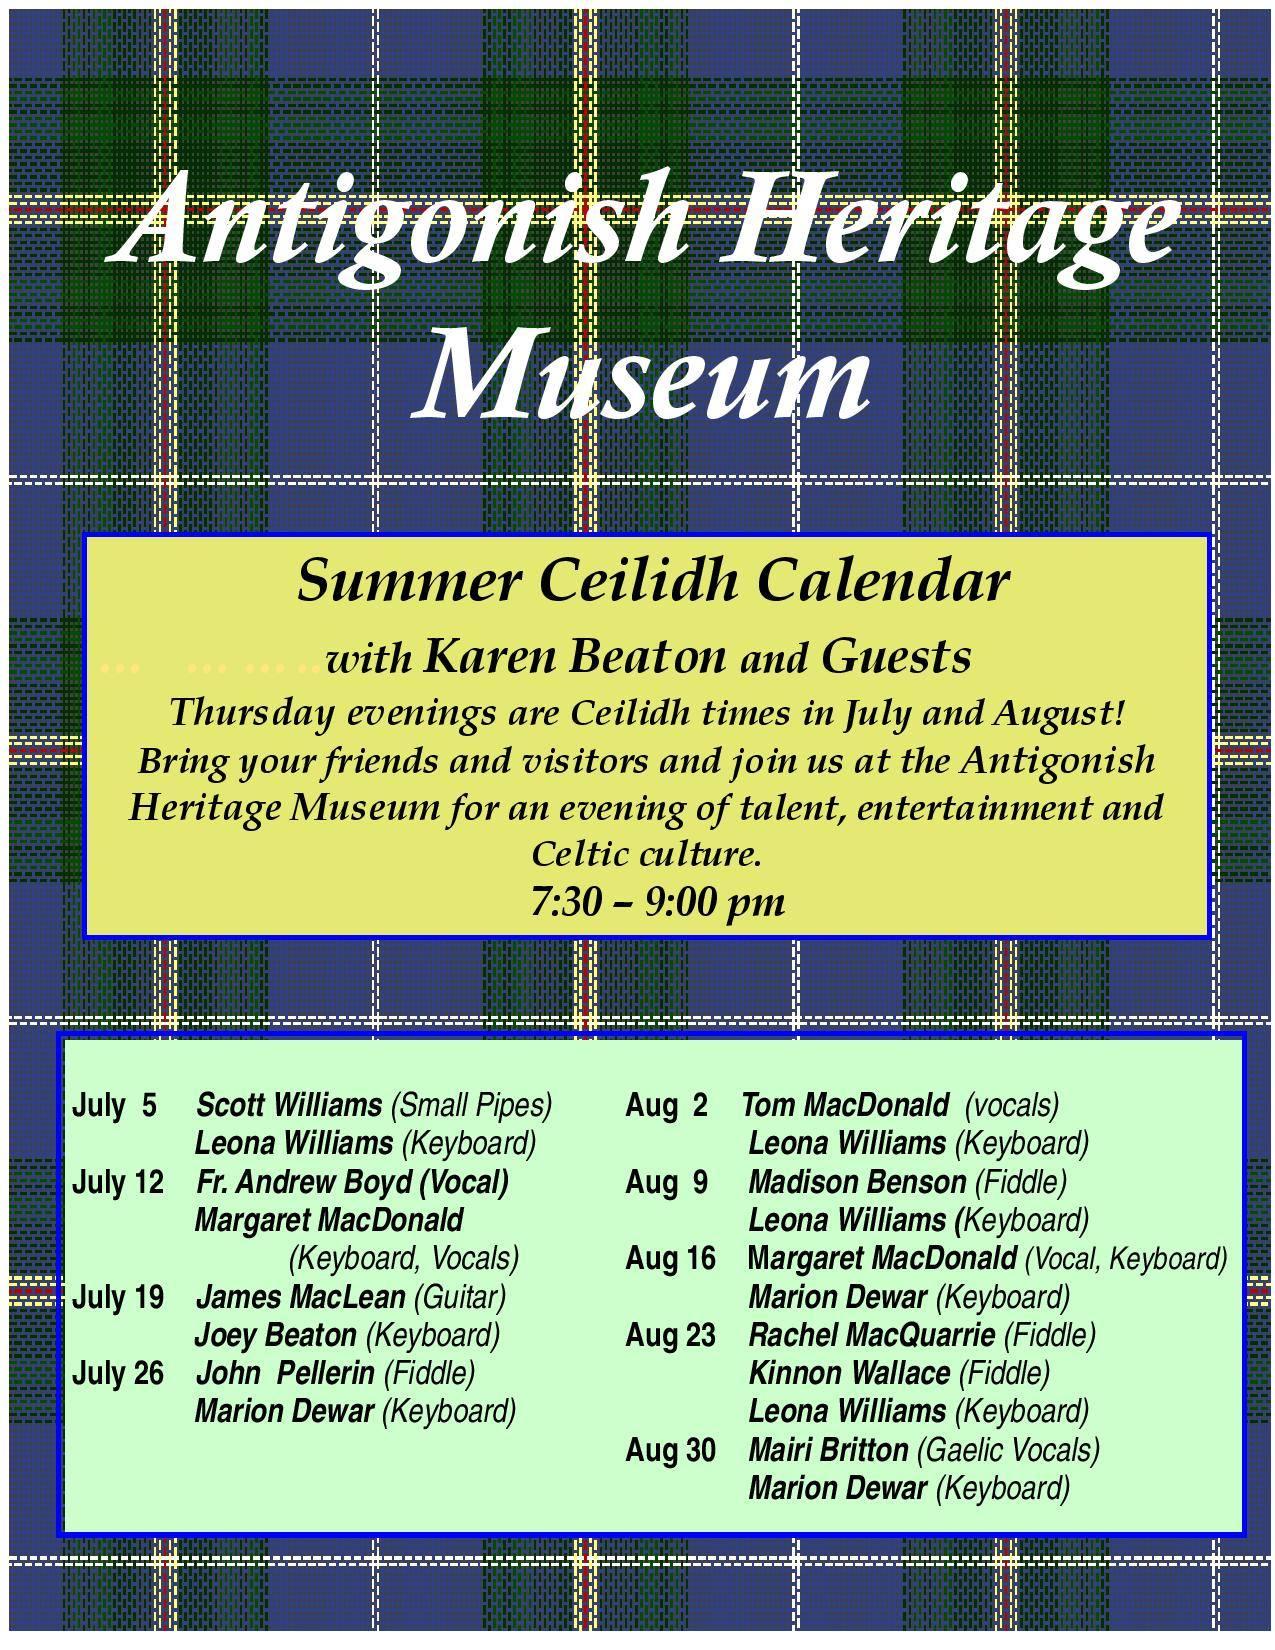 Antigonish Heritage Museum Summer Ceilidh Calendar 2018